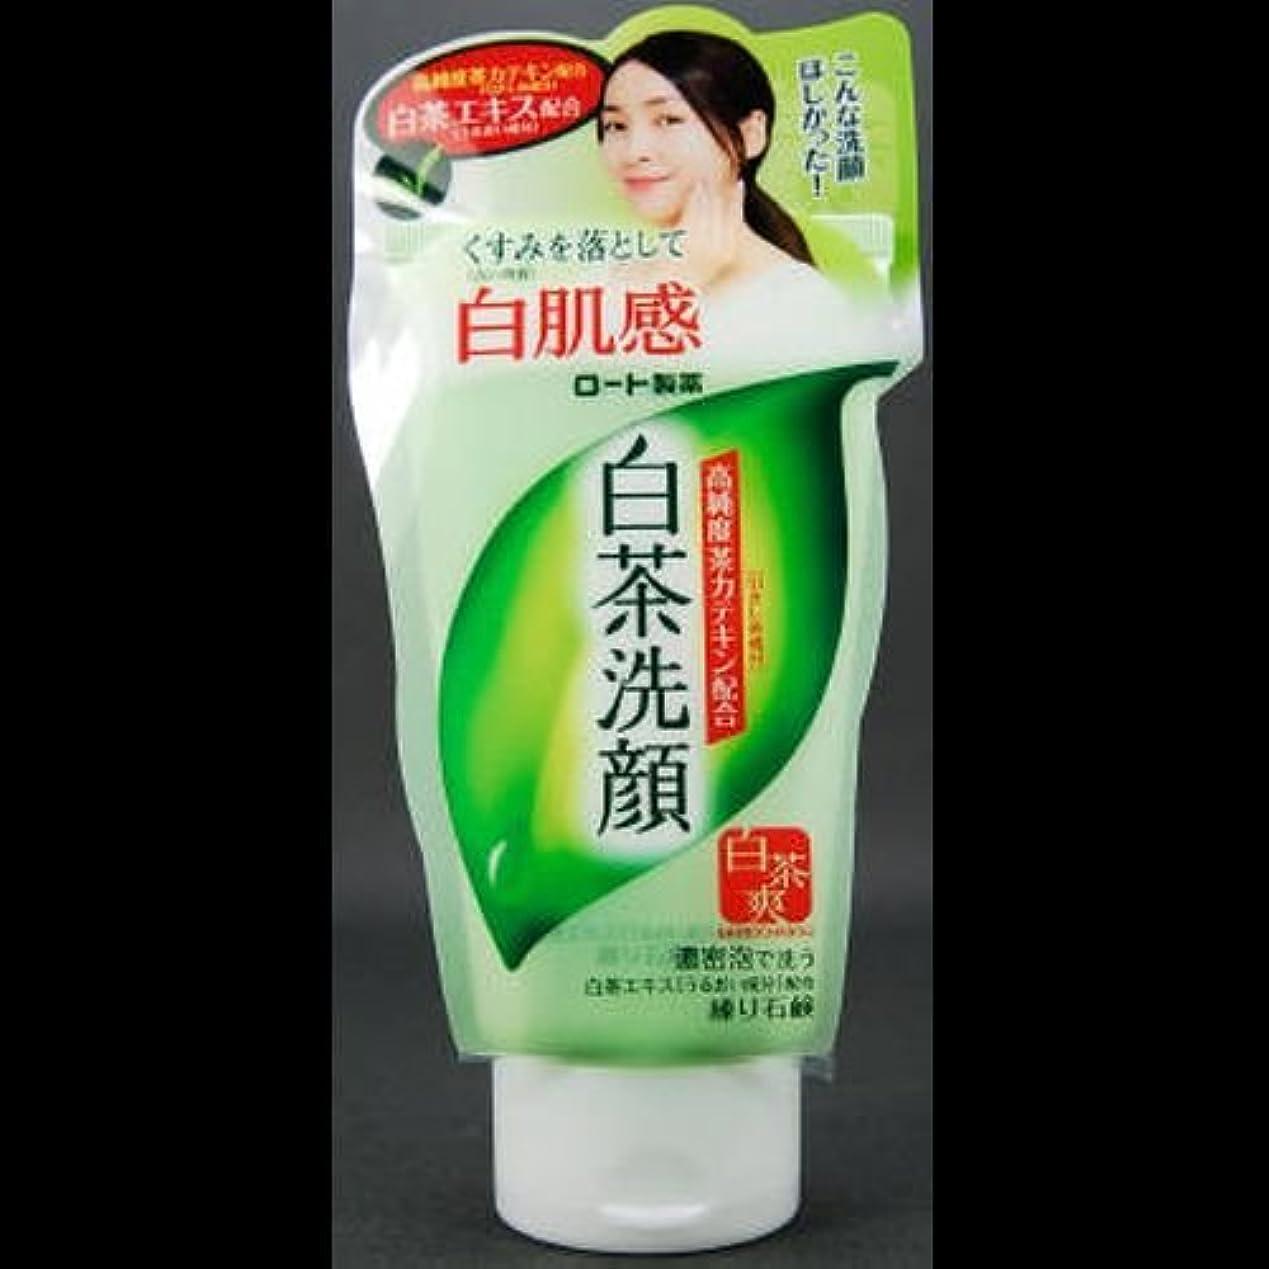 【まとめ買い】白茶爽 白茶練り石鹸 ×2セット